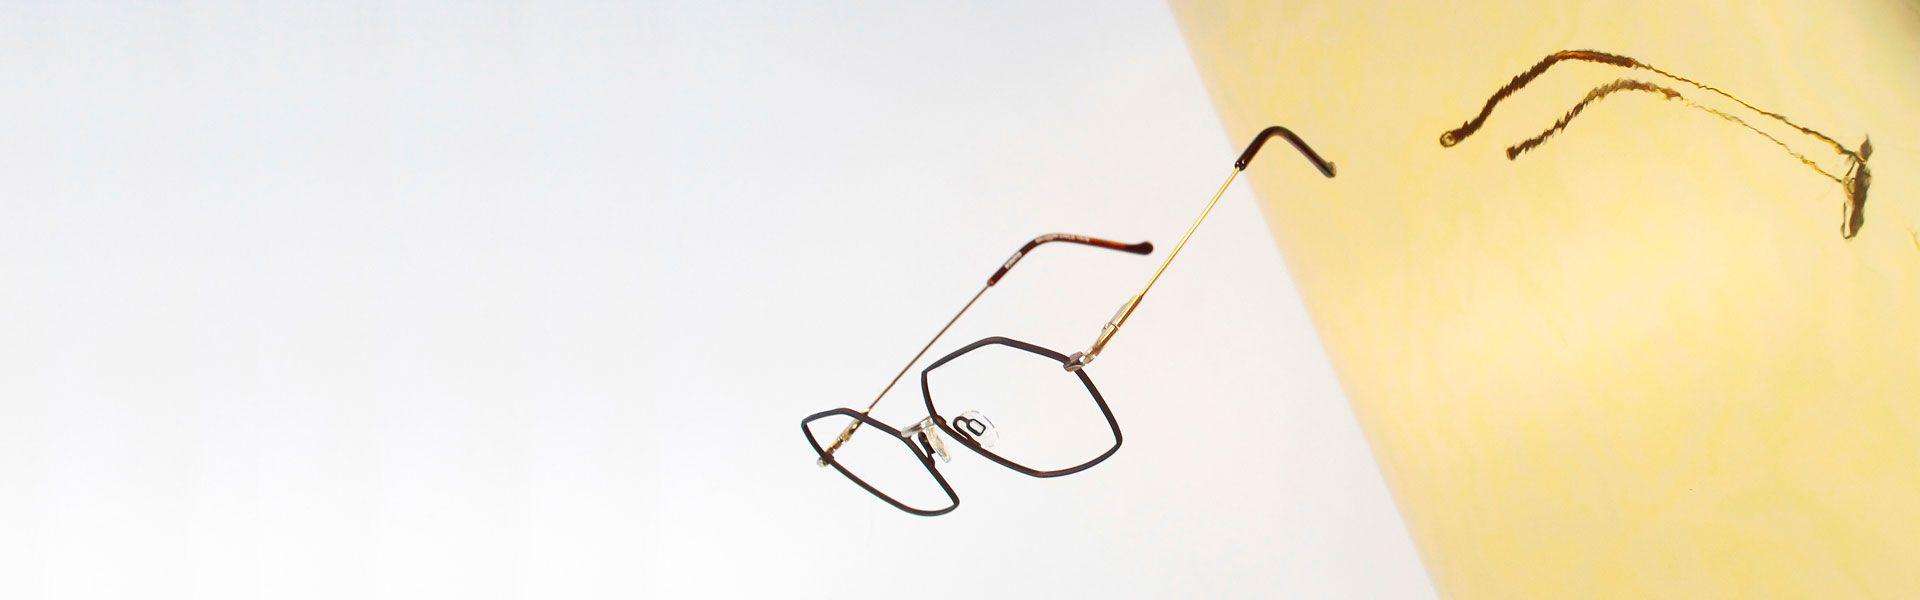 Kinto   Independent Eyewear - Belgium since 1978 8c7304a8d792